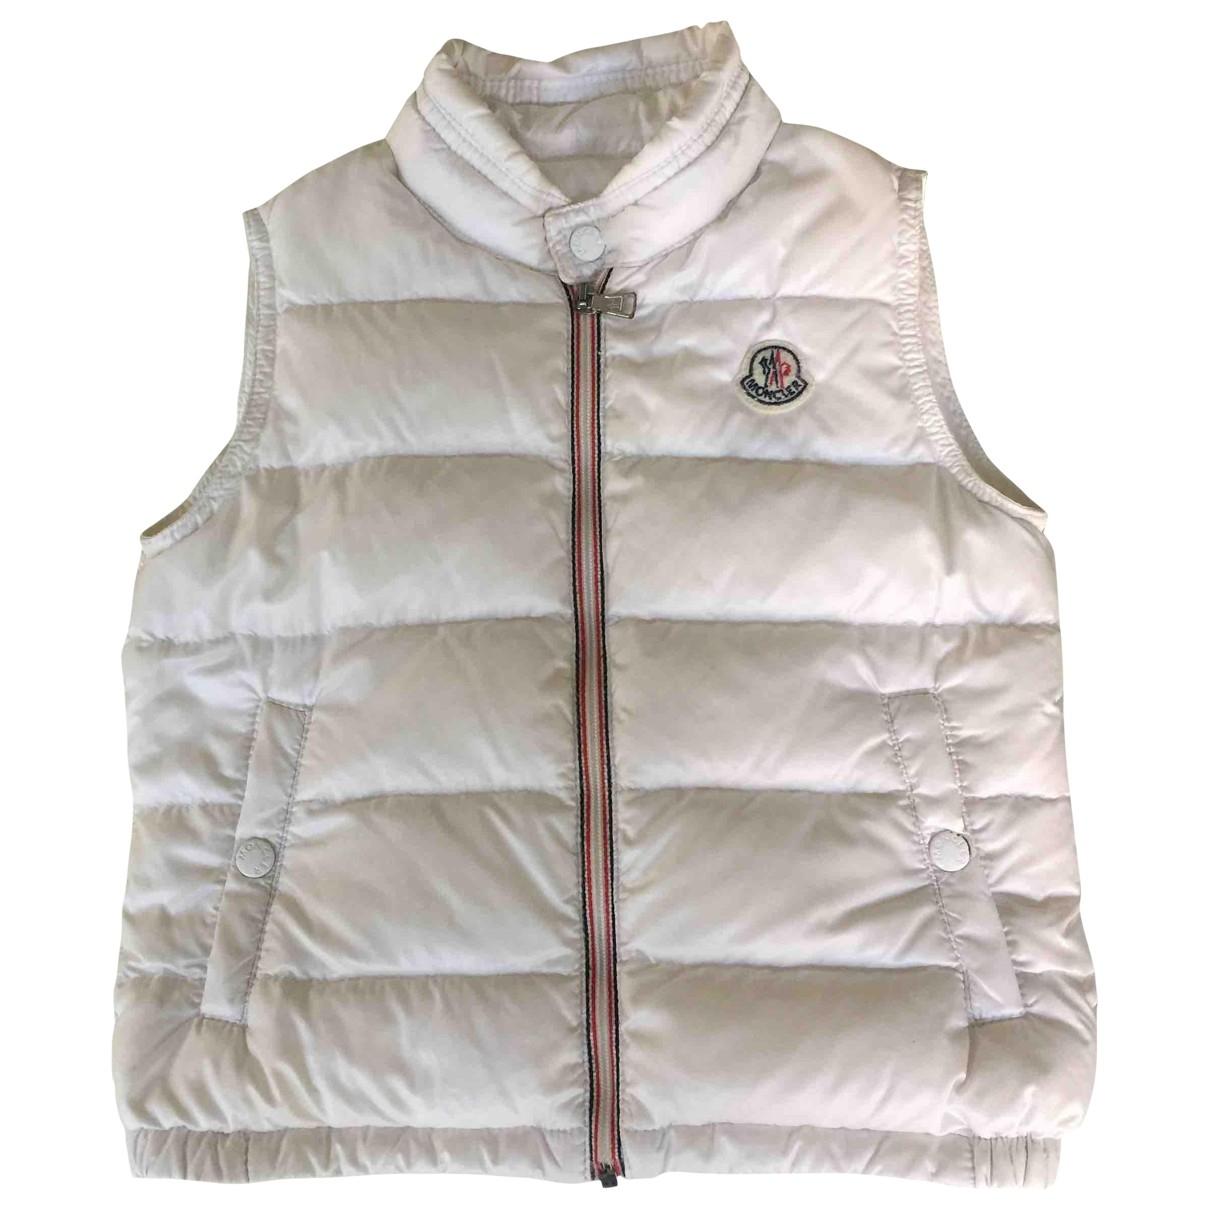 Moncler - Blousons.Manteaux Sleeveless pour enfant - blanc